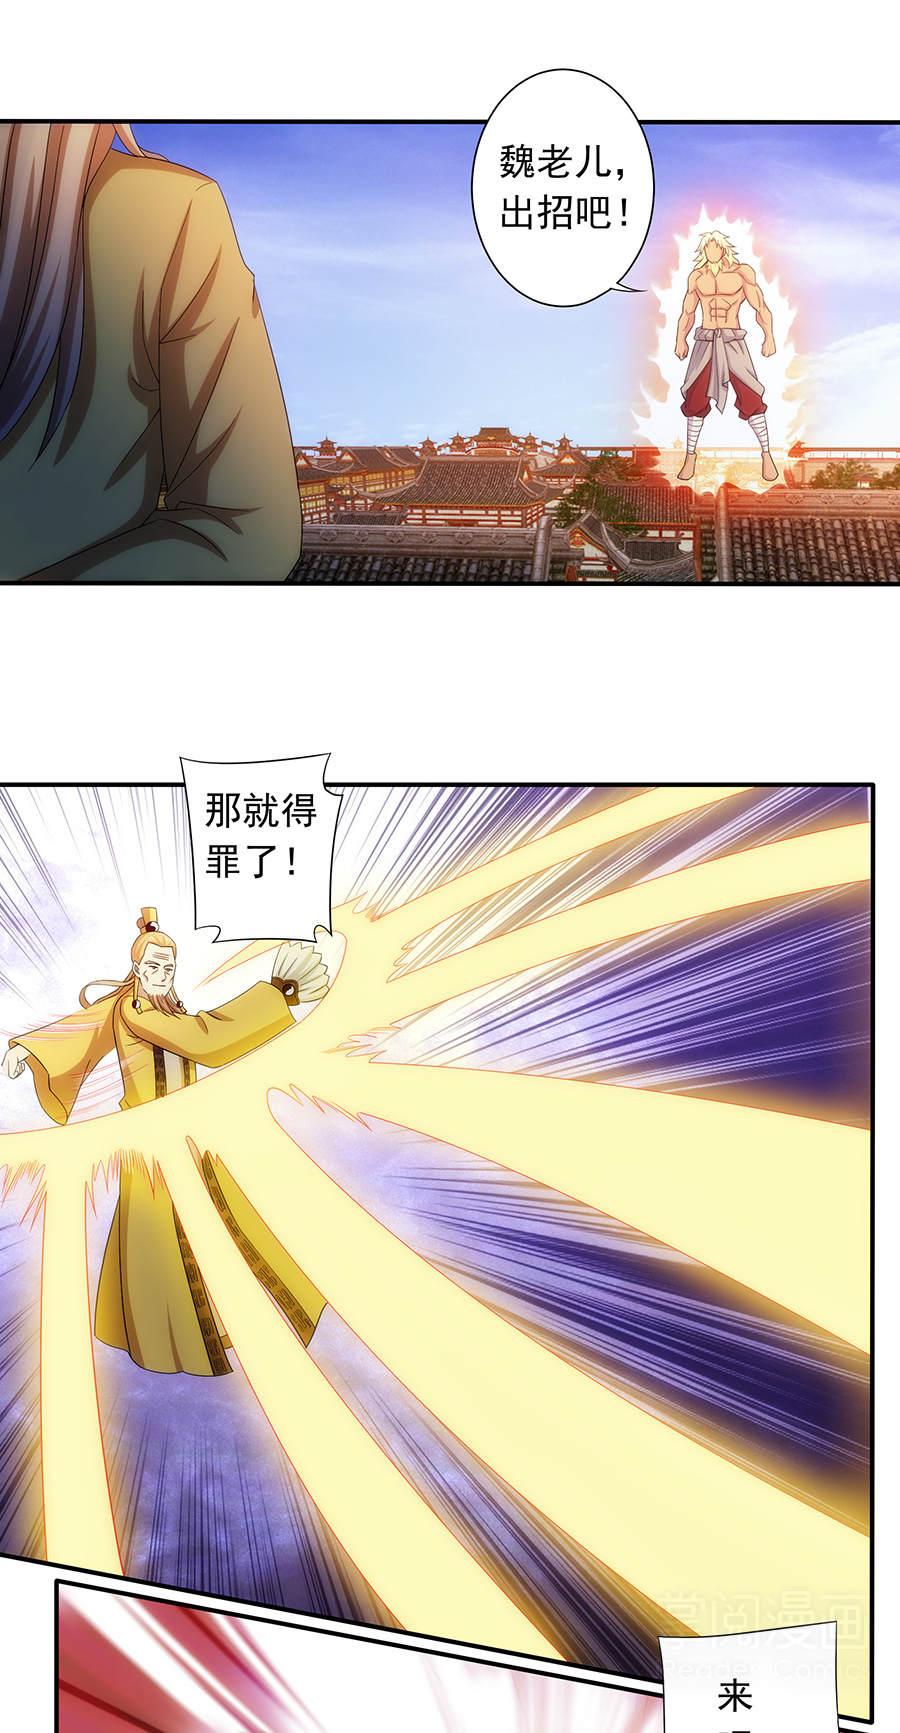 绝世剑神第9话  太极必杀 第 6